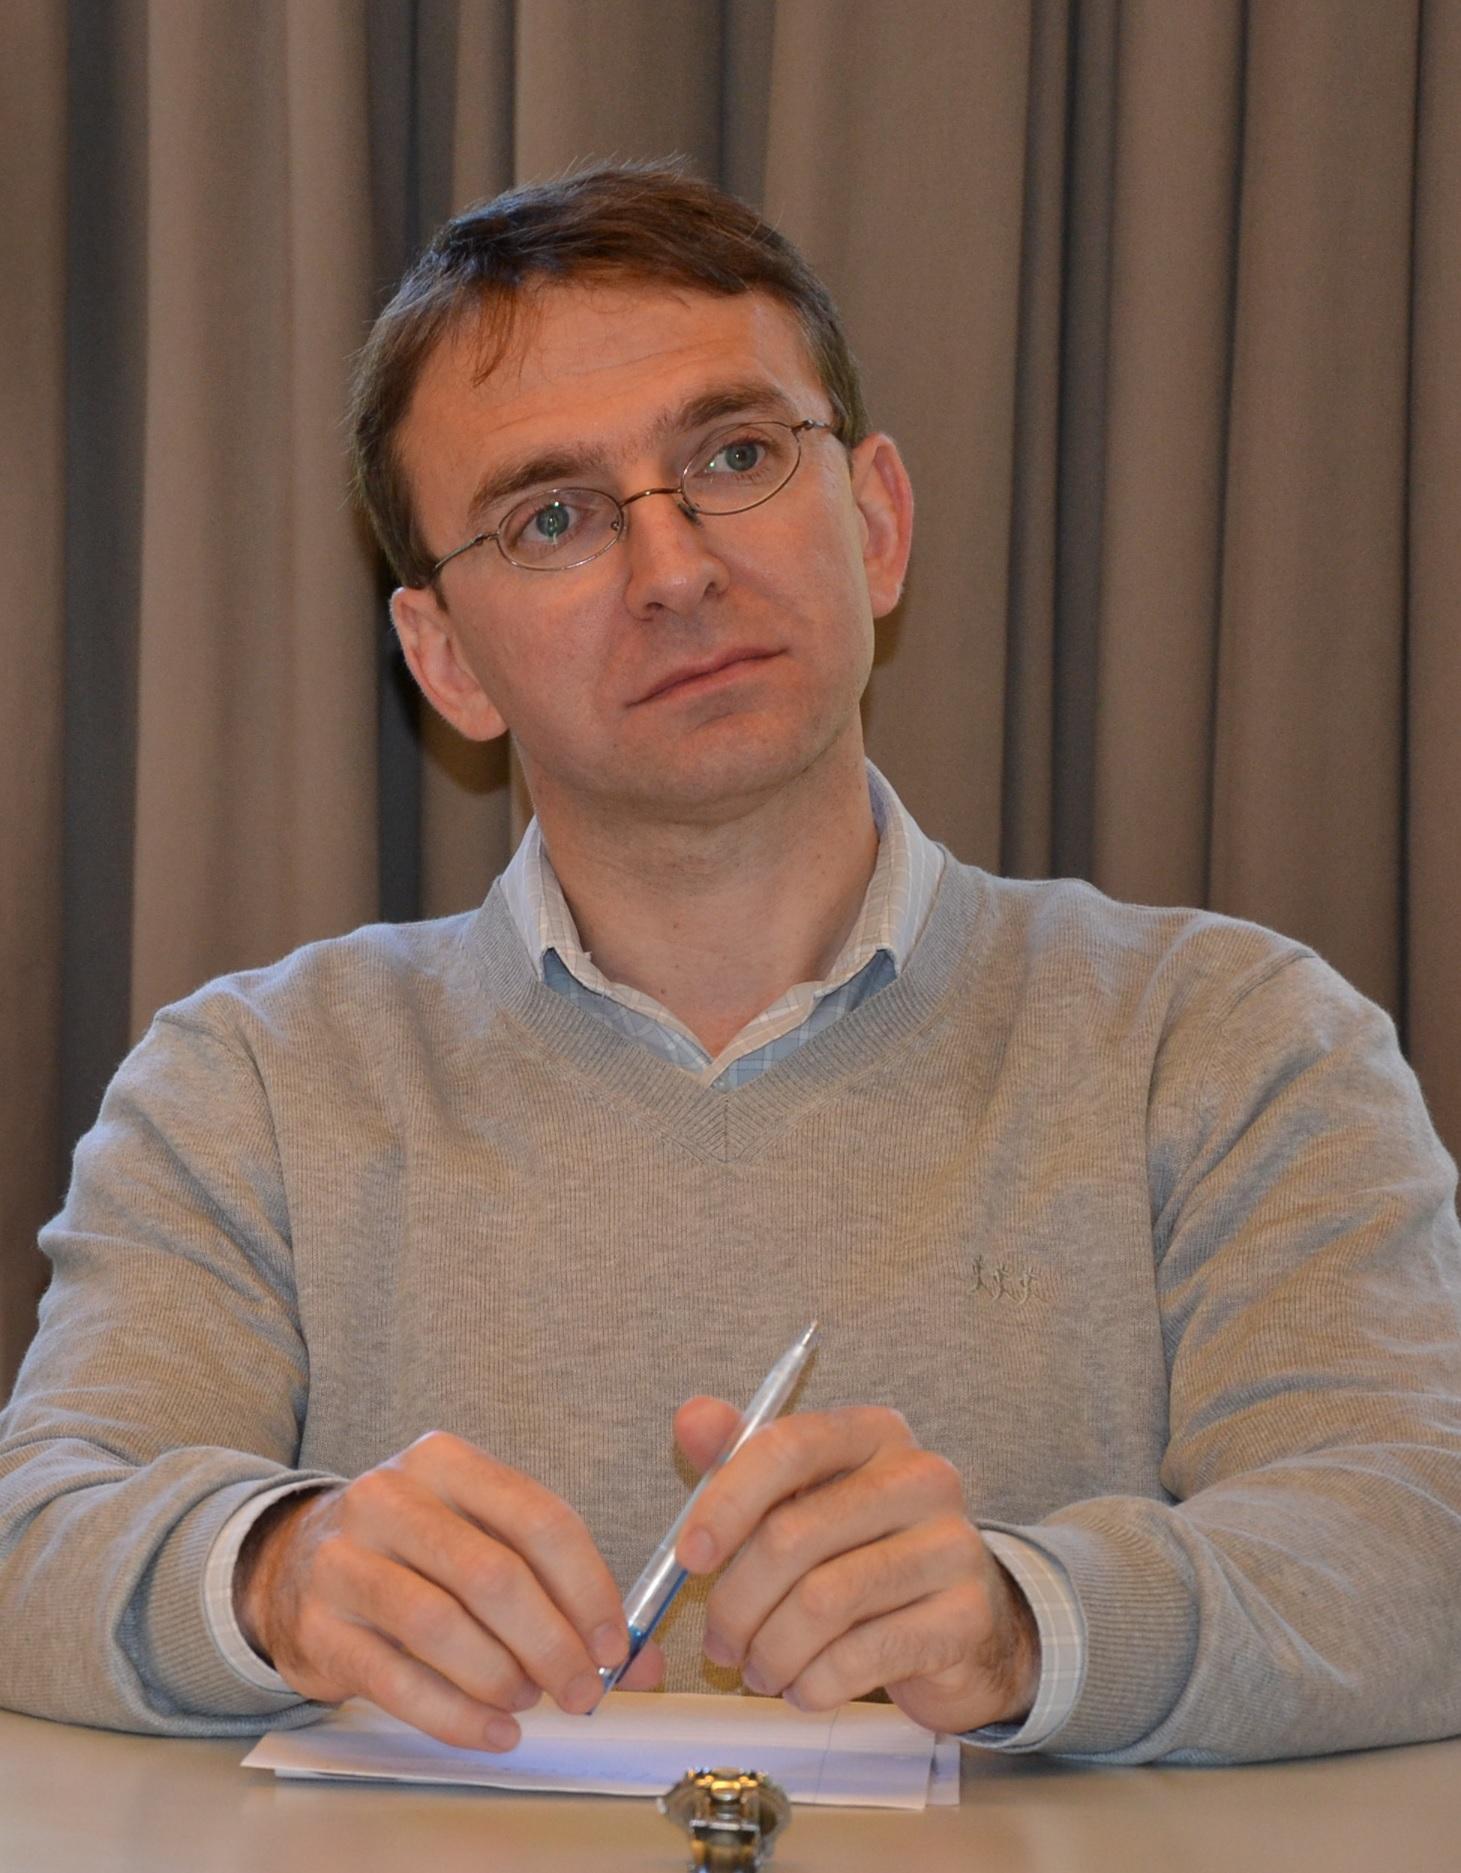 Kanunnik Kristof Struys (©Persdienst Aartsbisdom)